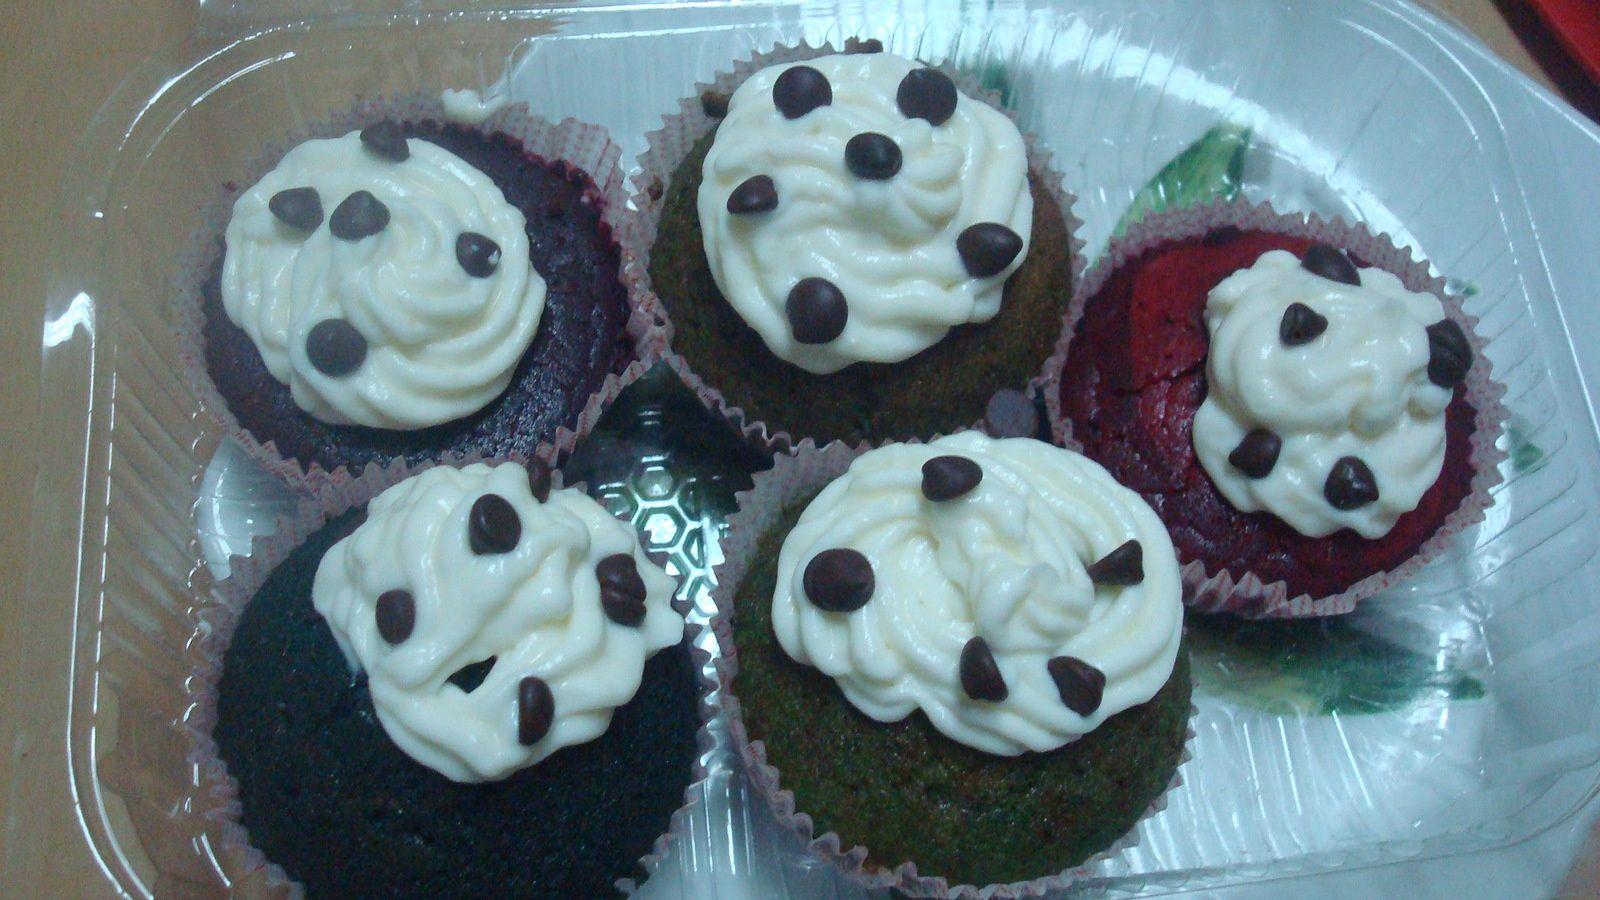 les cupcakes rouge et violet ne contiennent pas de bicarbonate, il sont plats denses, alors que les autres sont très bien aérés !